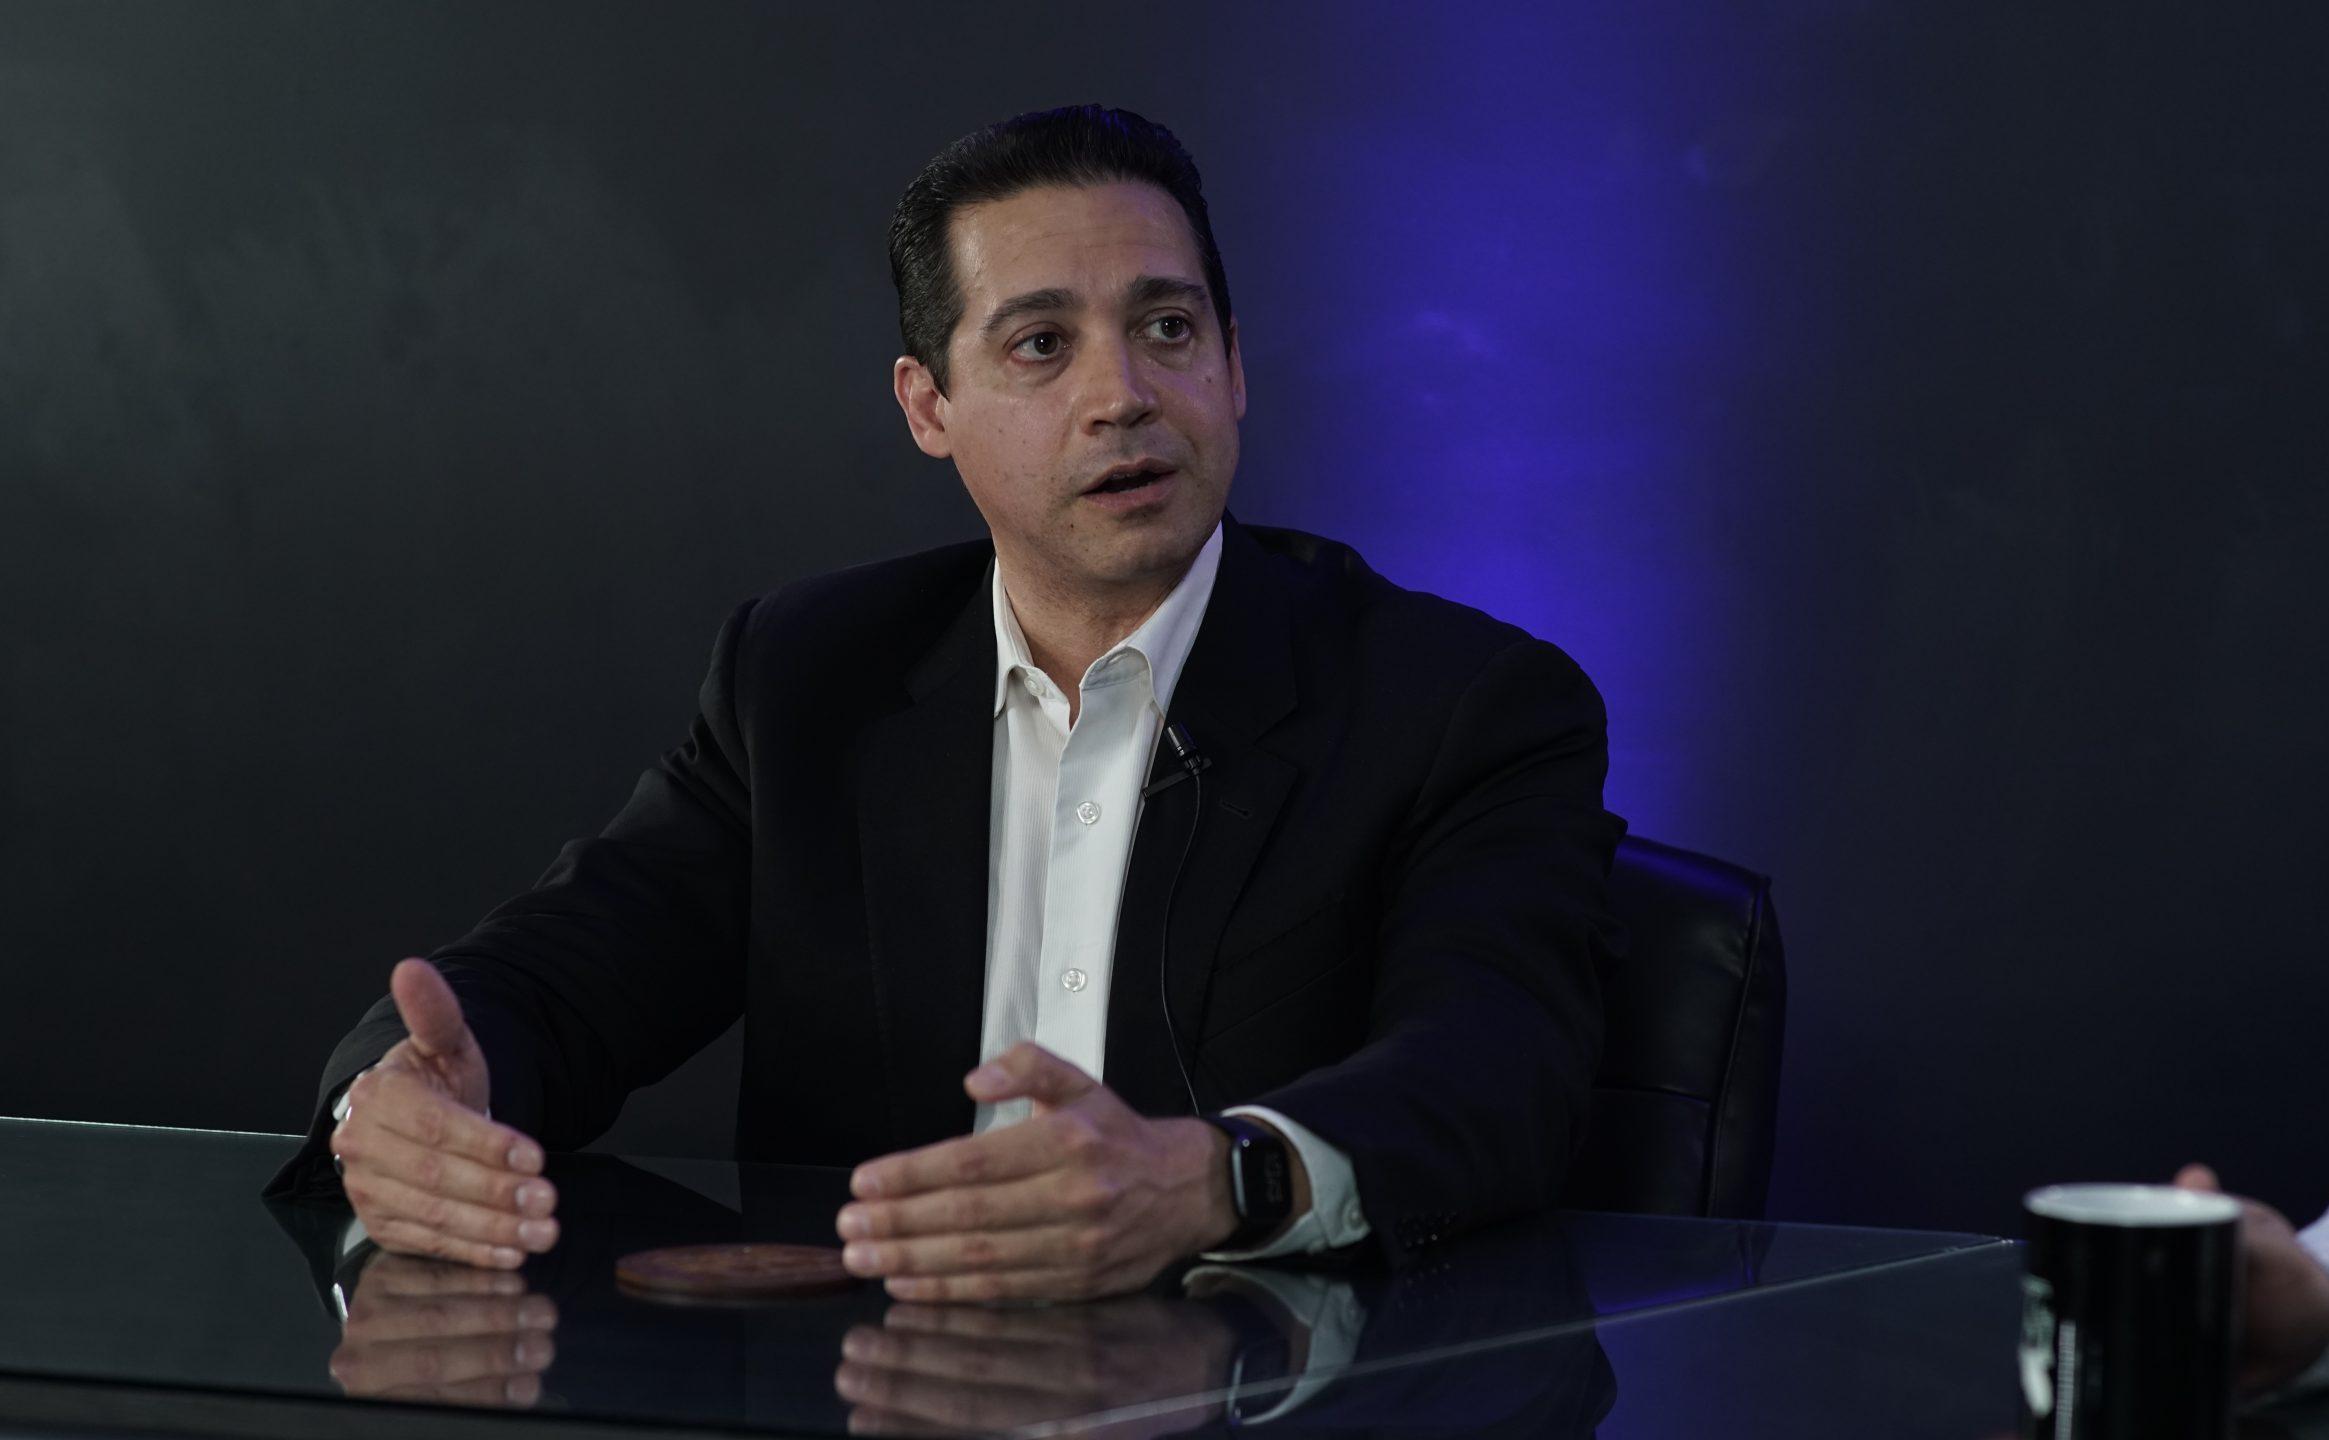 Los ciudadanos debemos participar en política y no ser simples espectadores: Arturo Fernández